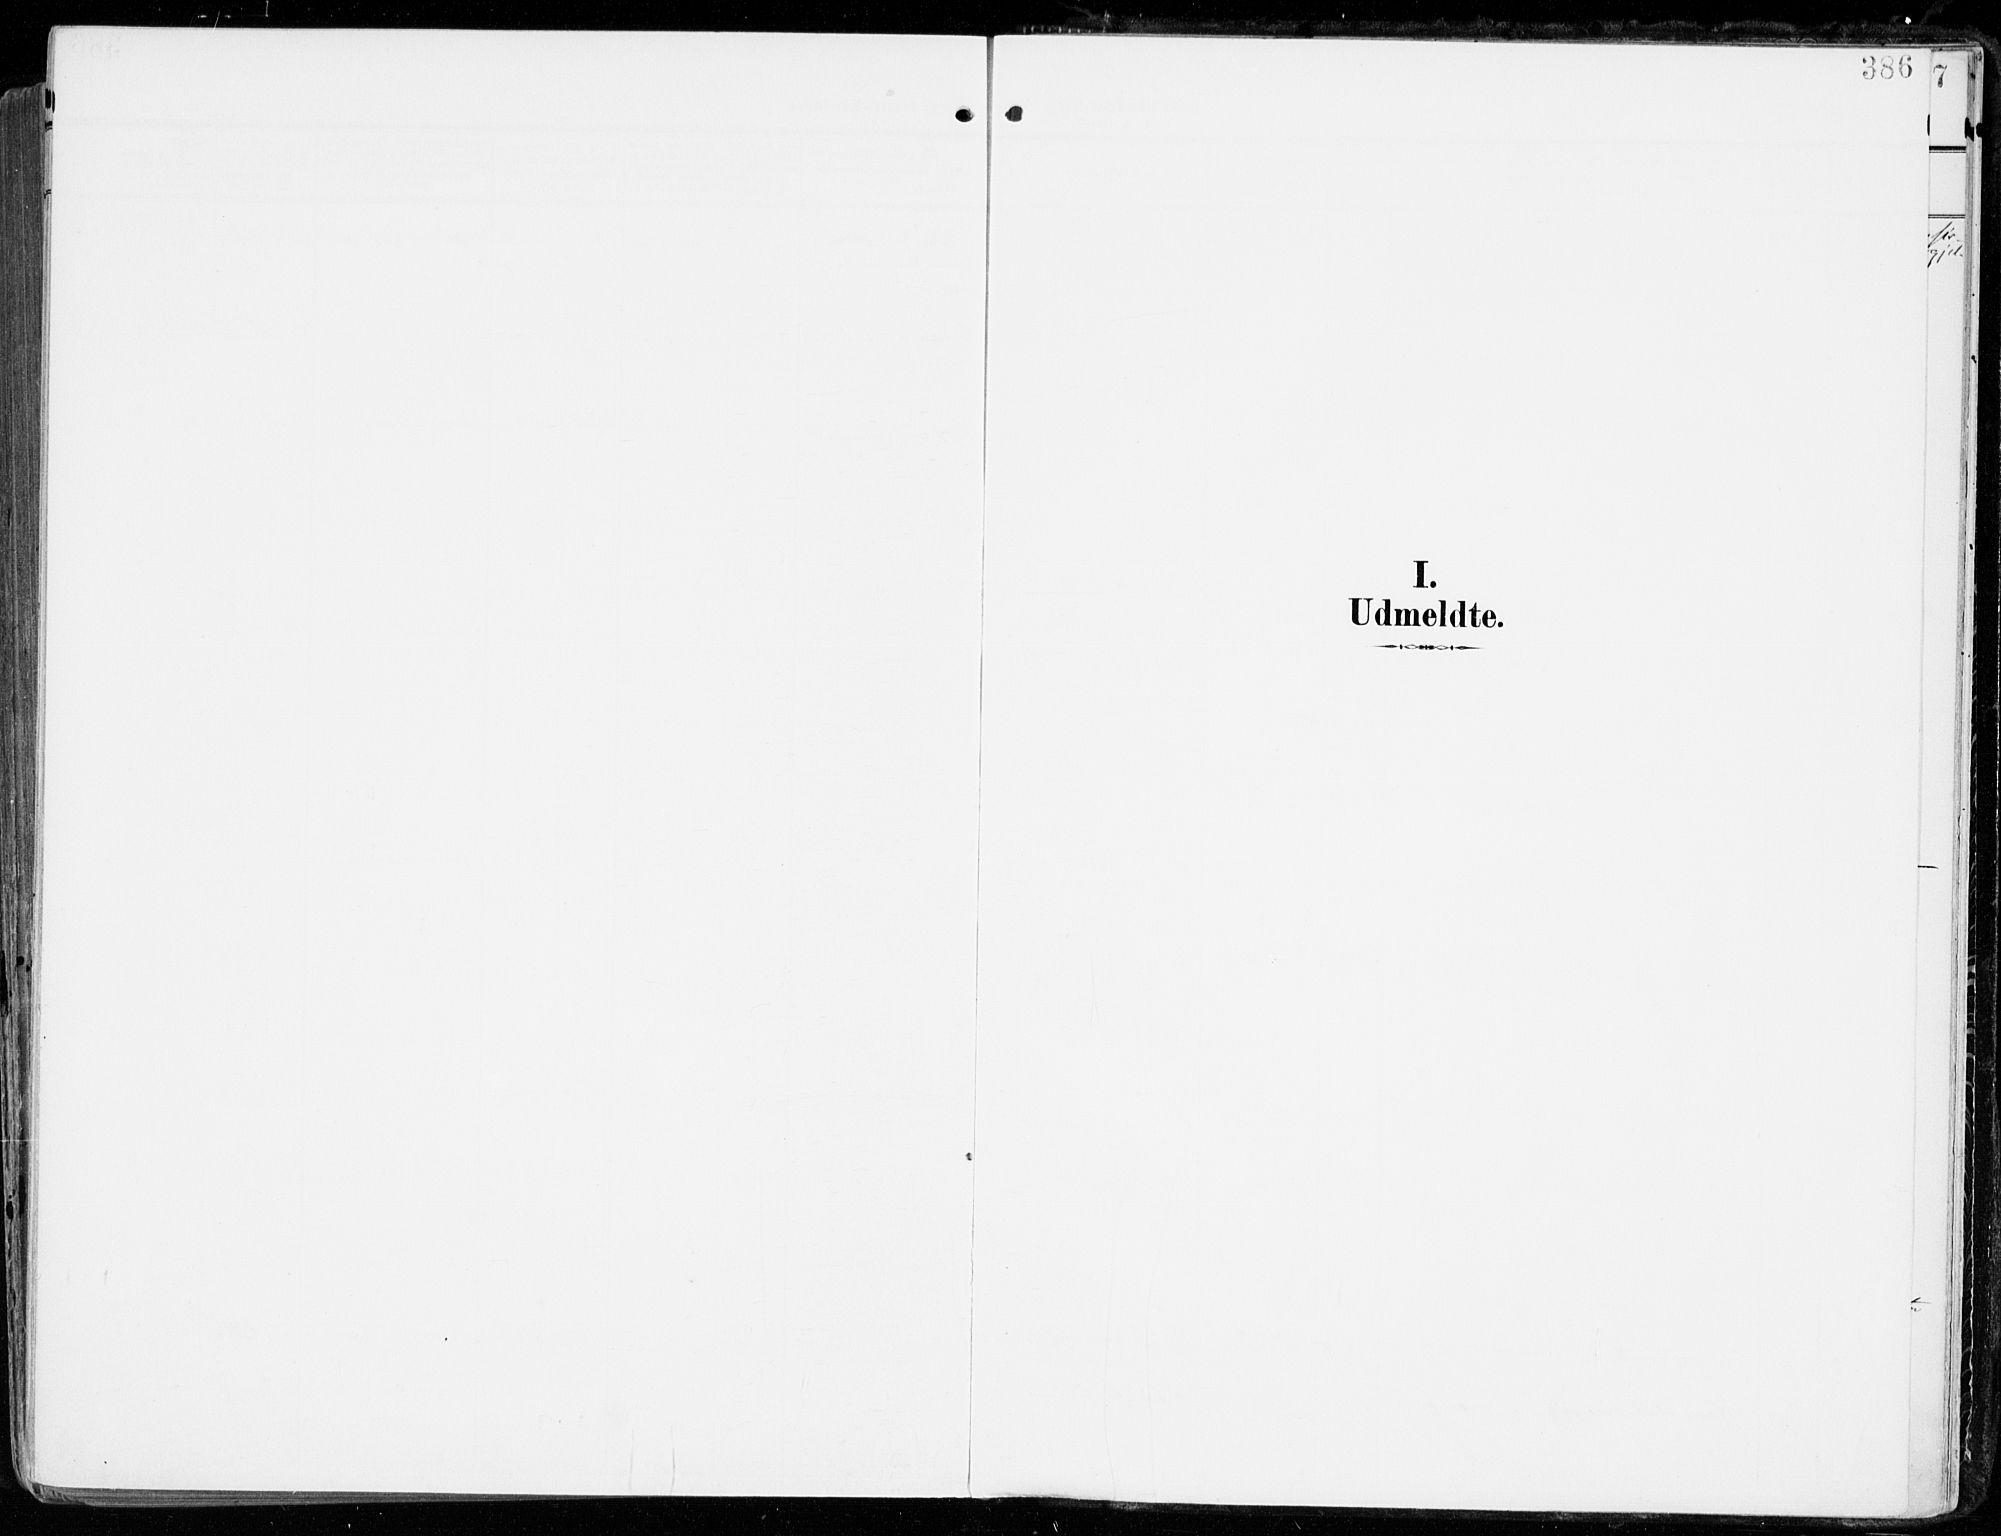 SAKO, Tjølling kirkebøker, F/Fa/L0010: Parish register (official) no. 10, 1906-1923, p. 386